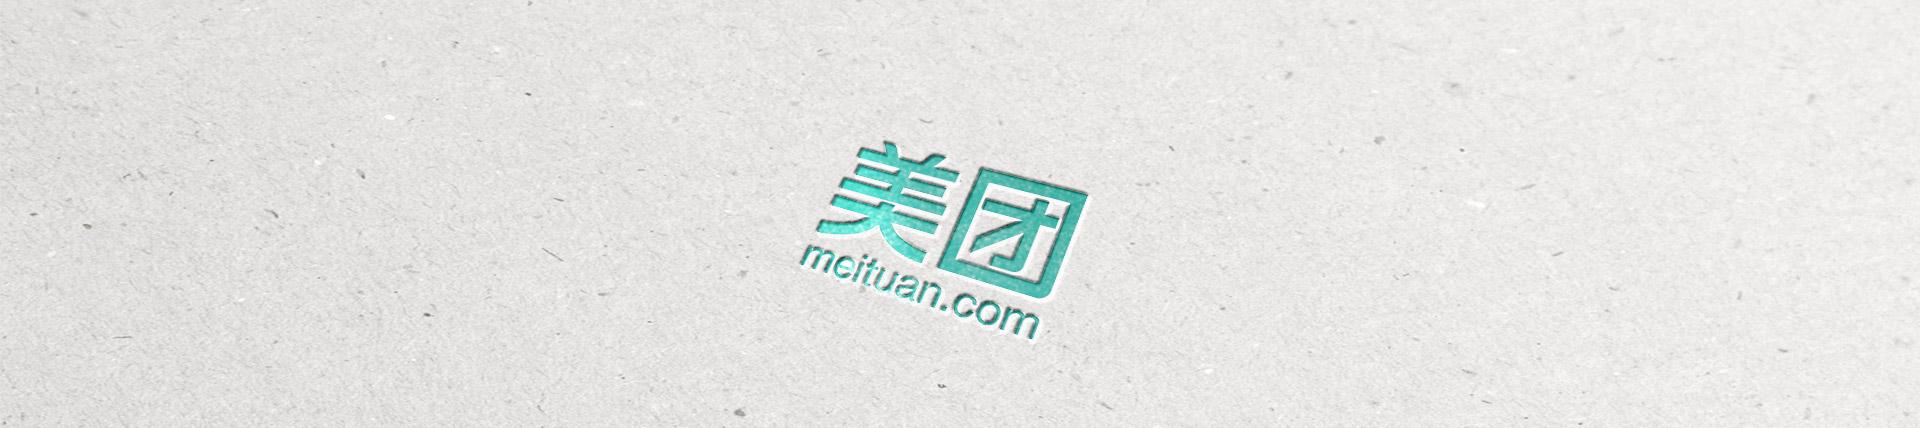 """美团上线""""百寿健康网"""",大厂入局互联网医疗健康"""